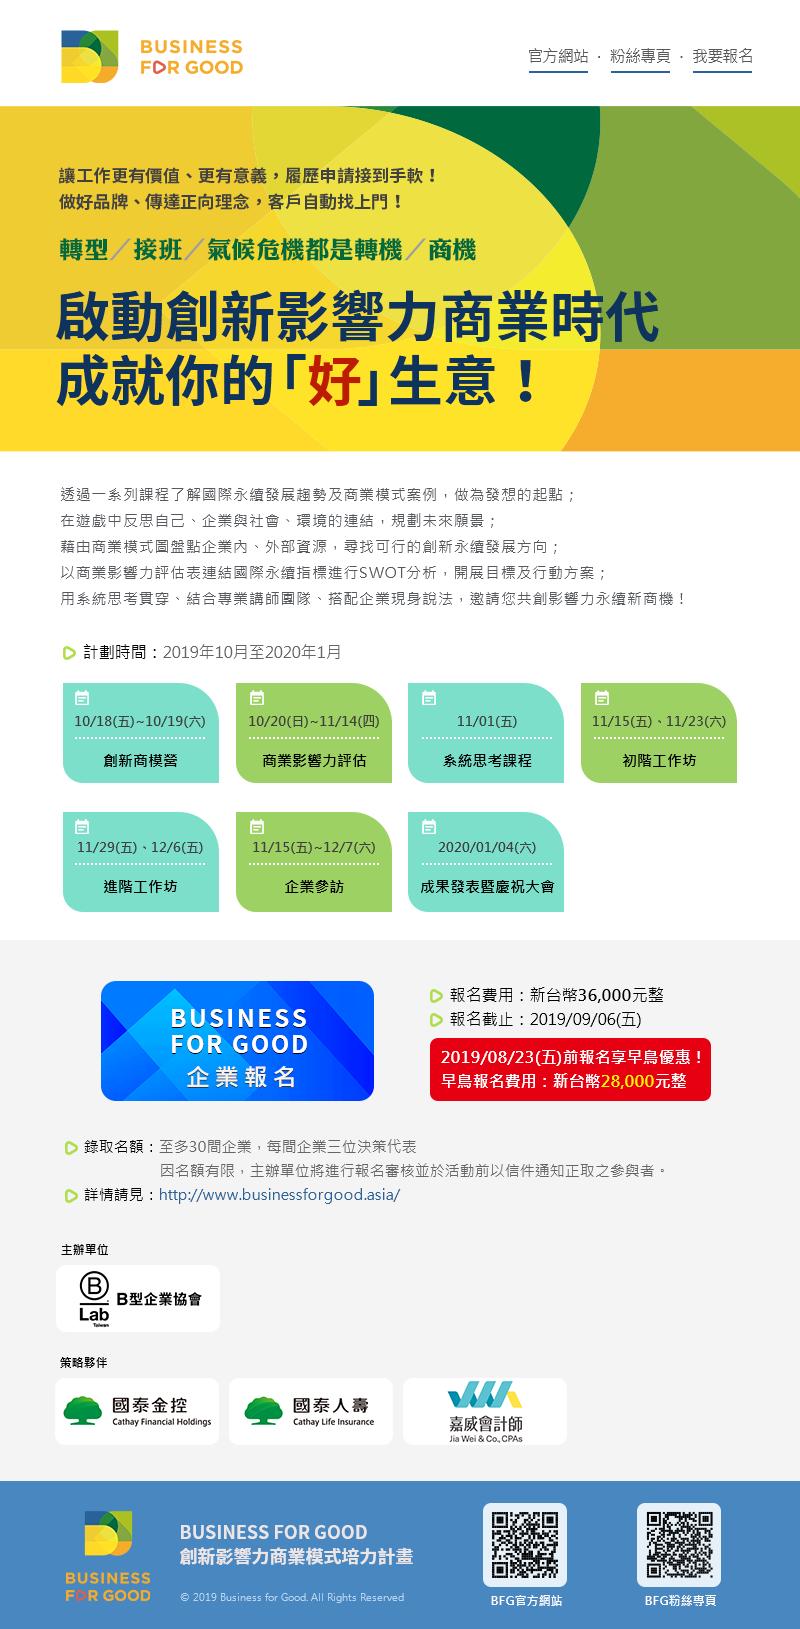 邀請您參與,共創新商業時代!  報名連結: https://www.businessforgood.asia/